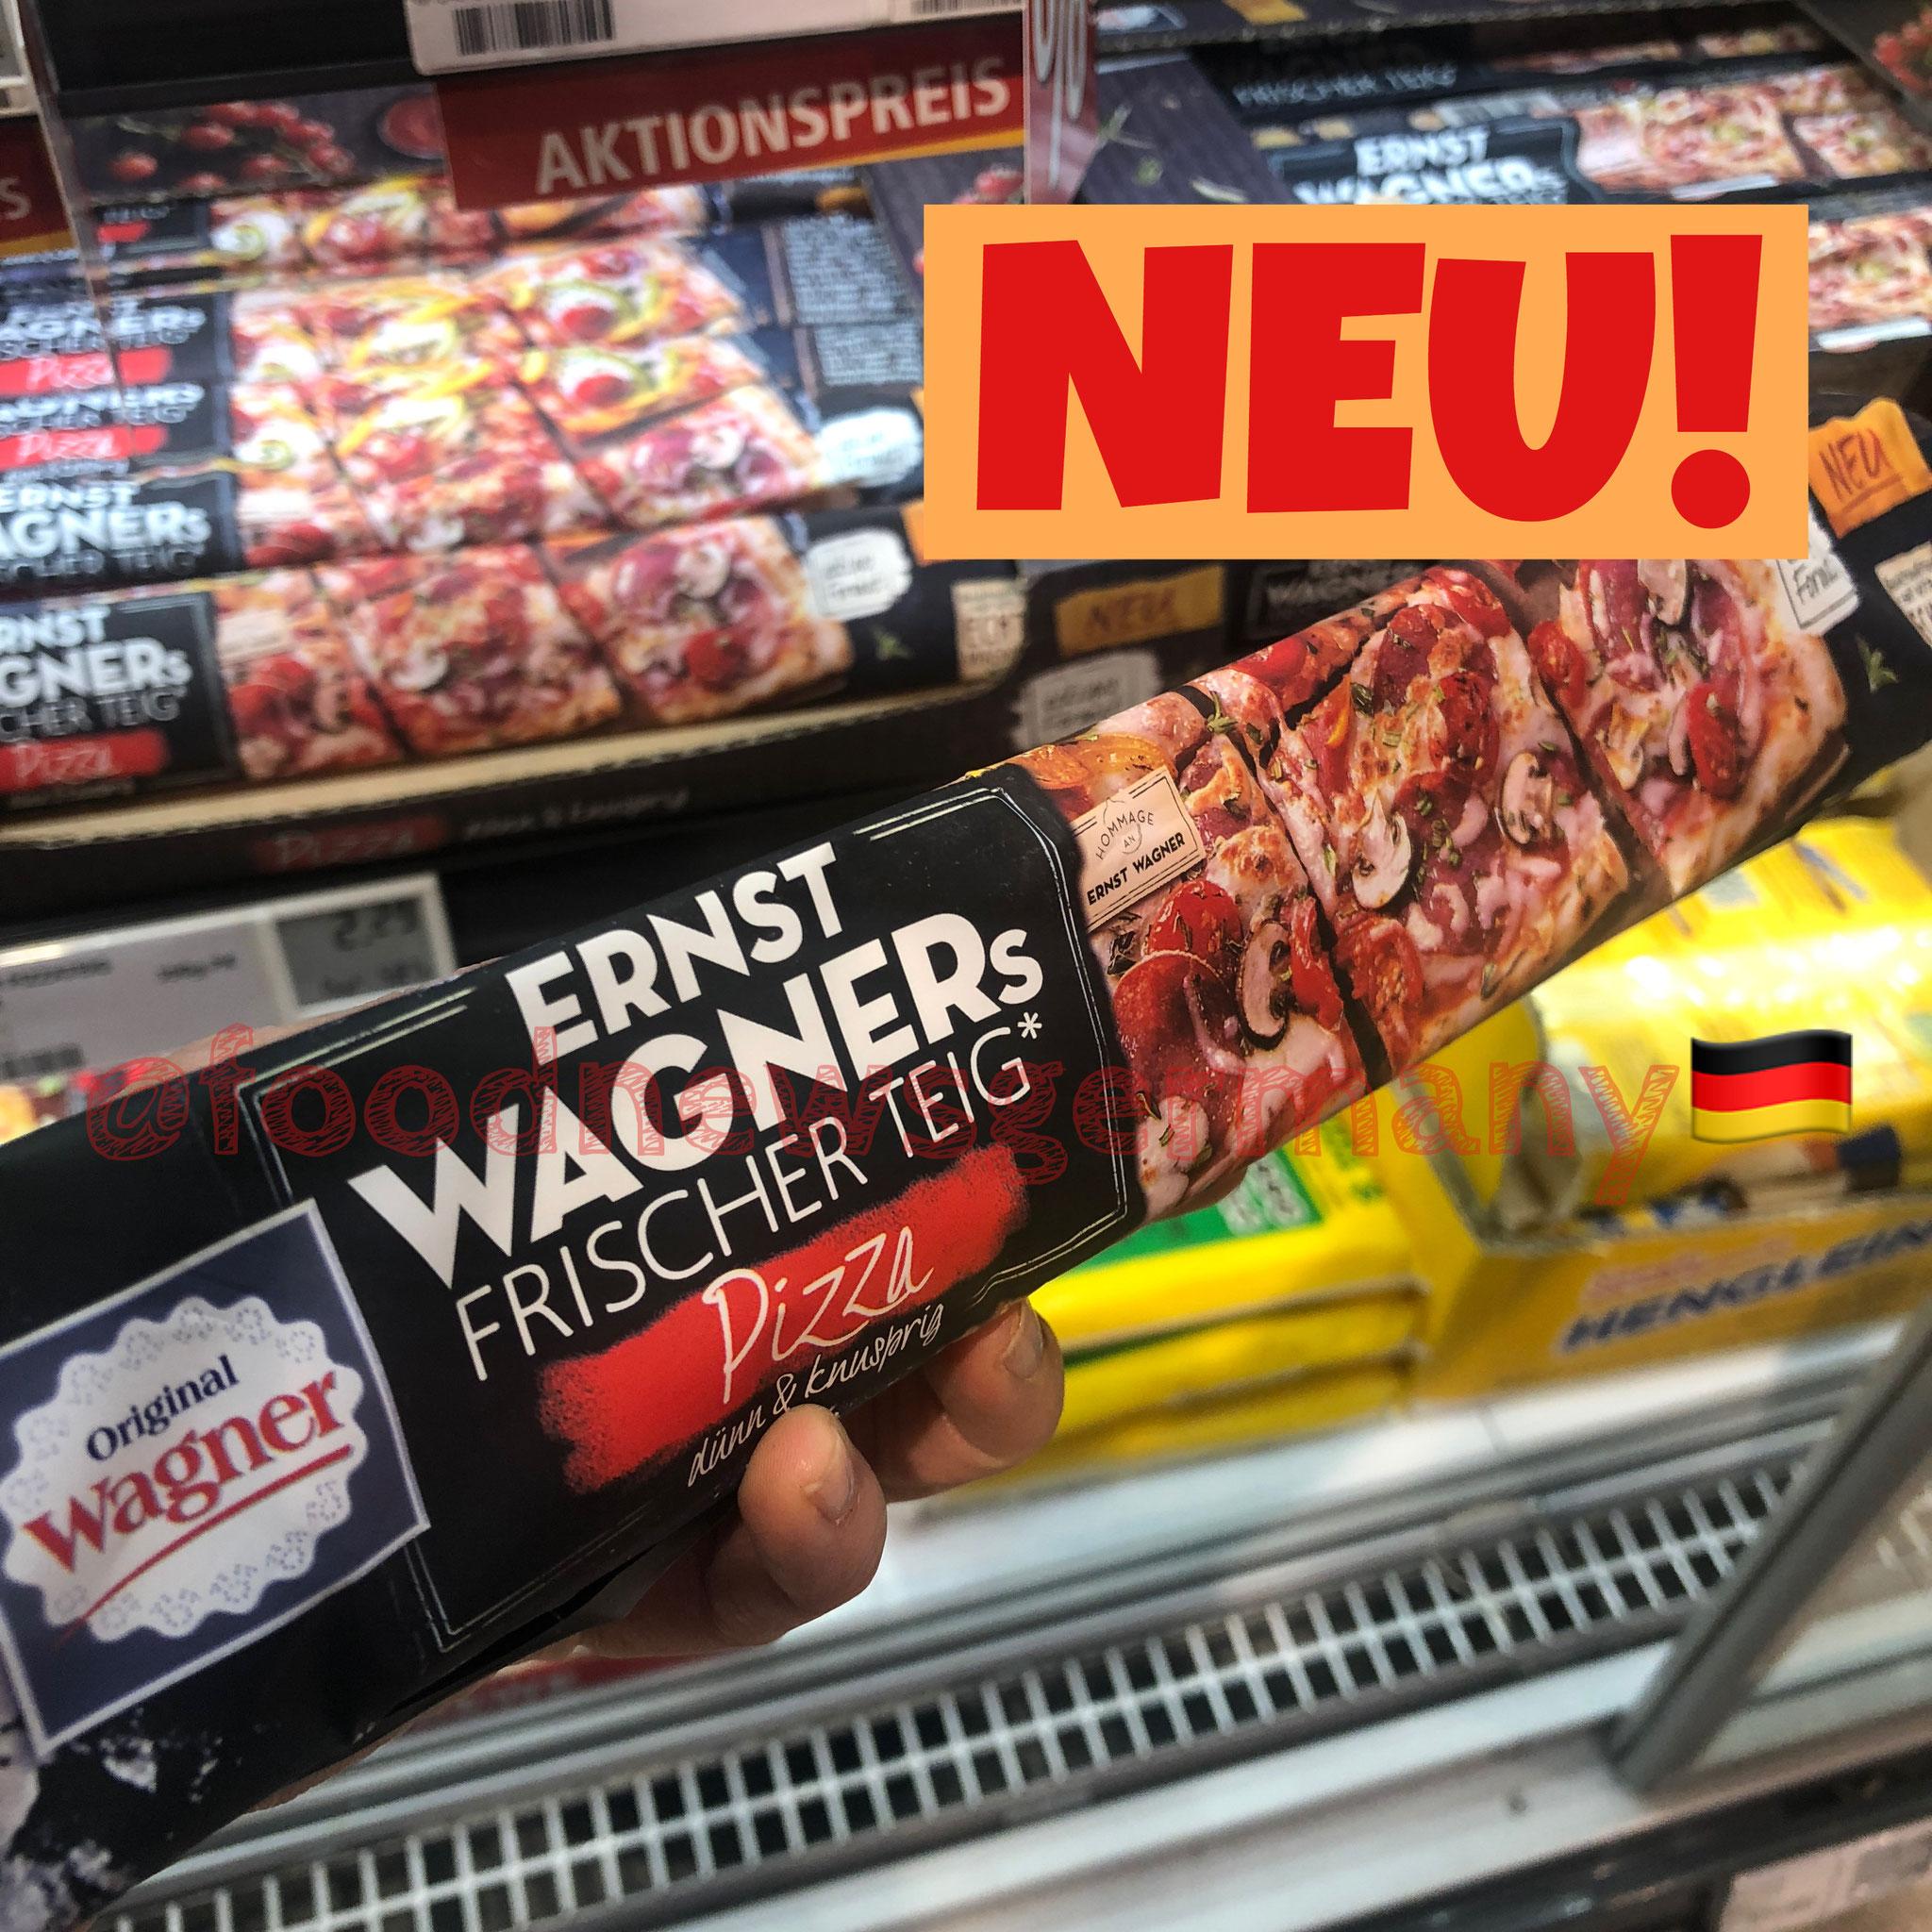 Ernst Wagners Frische Teig Pizza